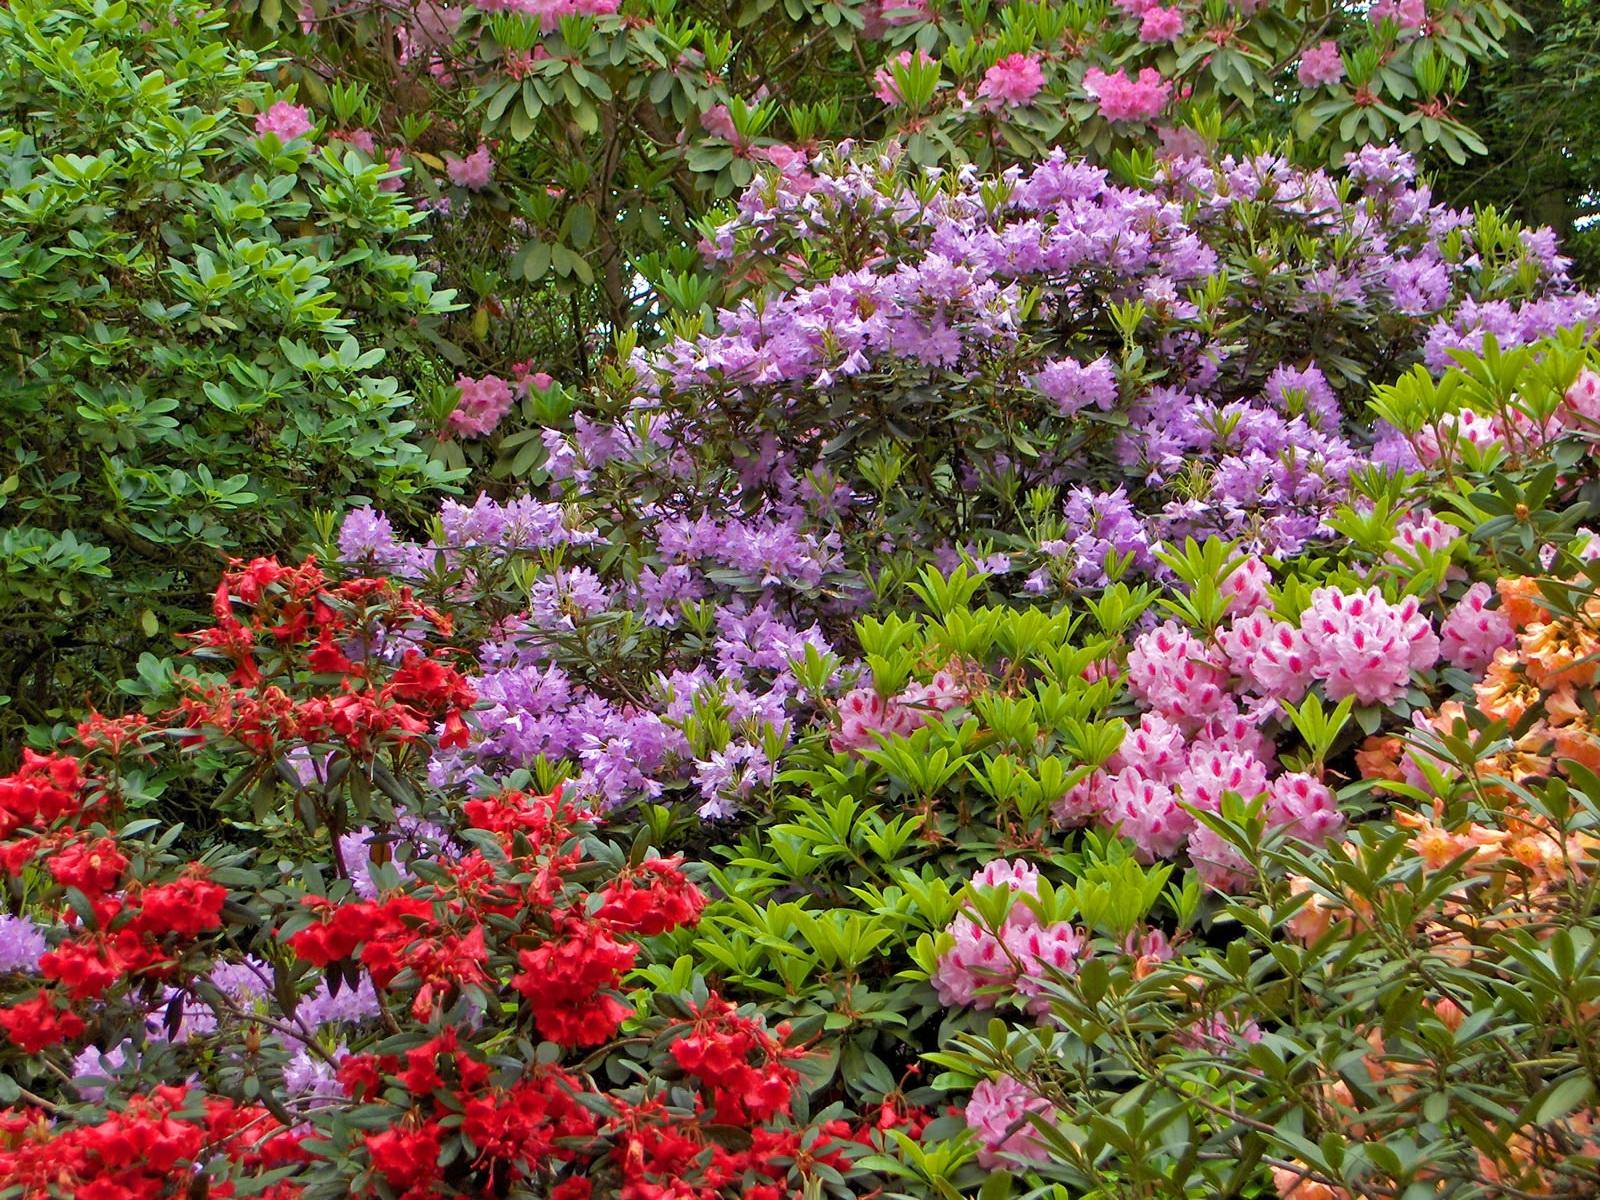 Fondos de pantalla flores jard n parque verde for Plantas de hojas perennes para jardin